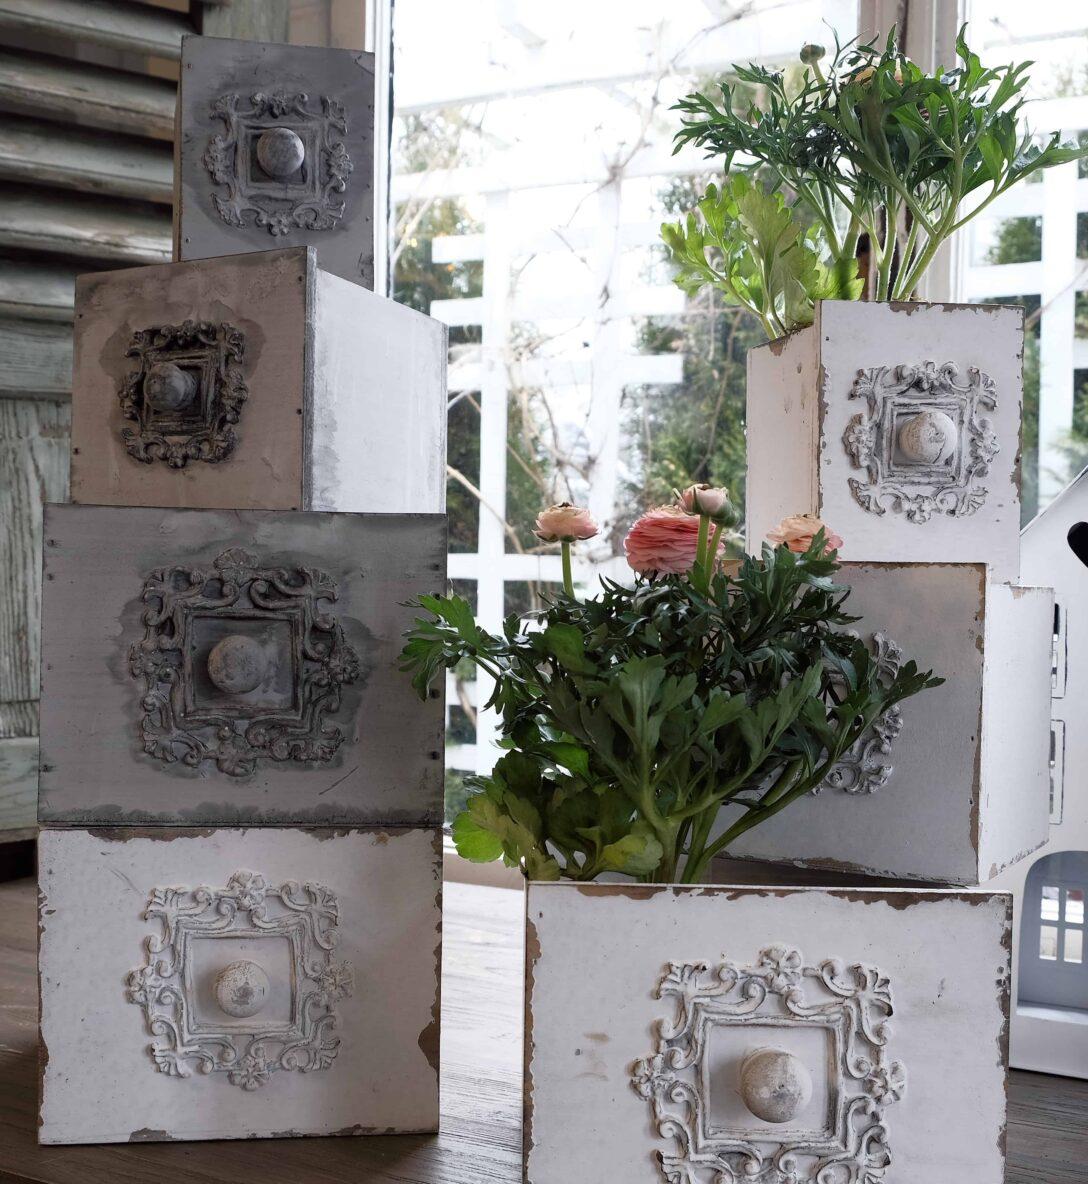 Large Size of Pflanzkasten Holz Wei Ornamente Garten Shabby Landhaus Küche Landhausstil Badezimmer Deko Weisse Landhausküche Wohnzimmer Grau Schlafzimmer Bett Weiß Sofa Wohnzimmer Deko Shabby Landhaus